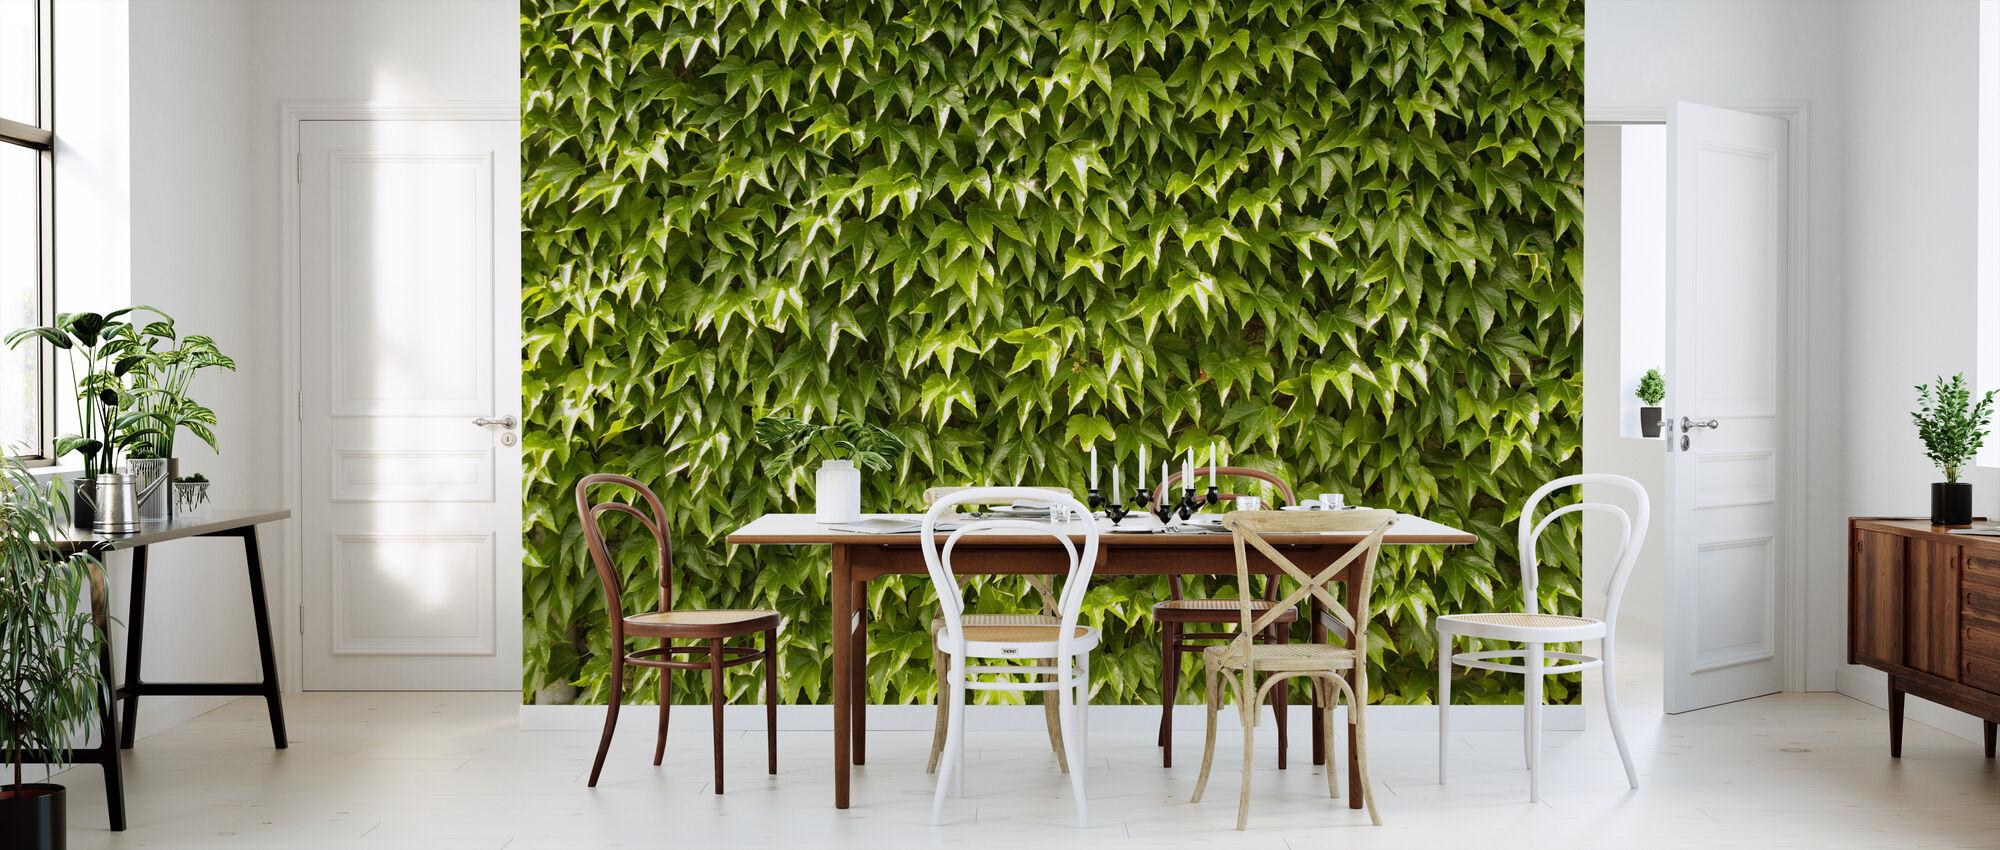 Vihreä seinä muratti lehdet - Tapetti - Keittiö